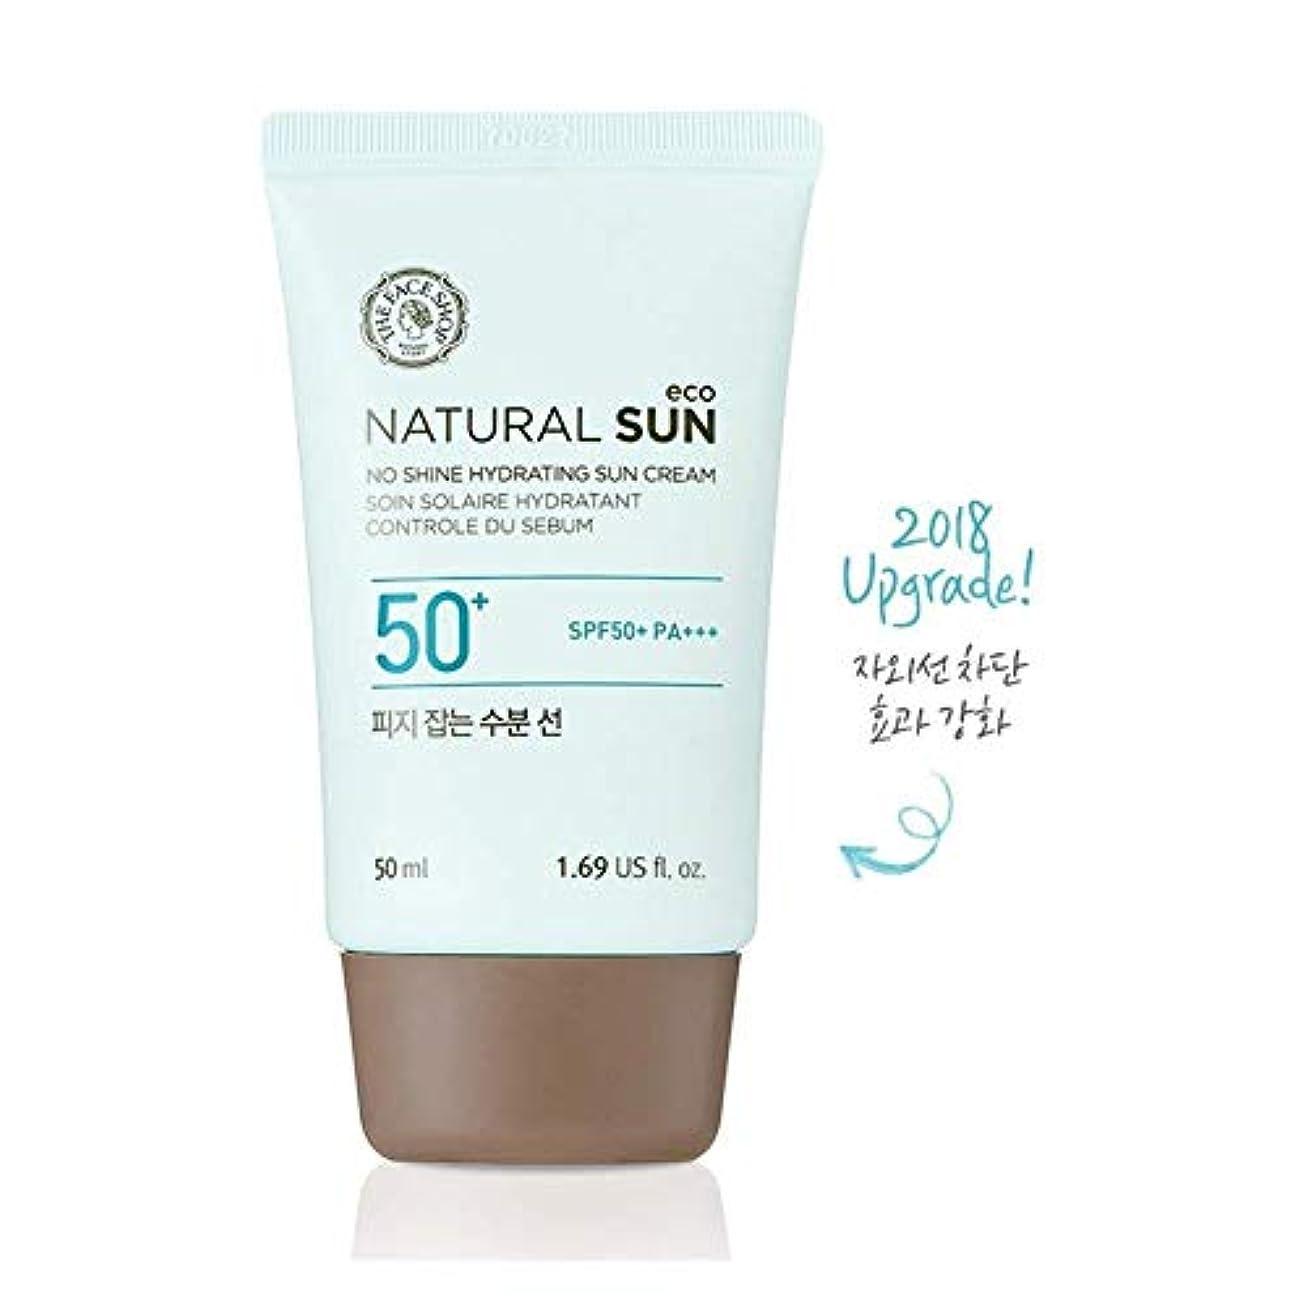 くつろぐ責任者コックザ?フェイスショップ ネチュロルソンエコフィジーサン?クリーム SPF50+PA+++50ml 韓国コスメ、The Face Shop Natural Sun Eco No Shine Hydrating Sun Cream...